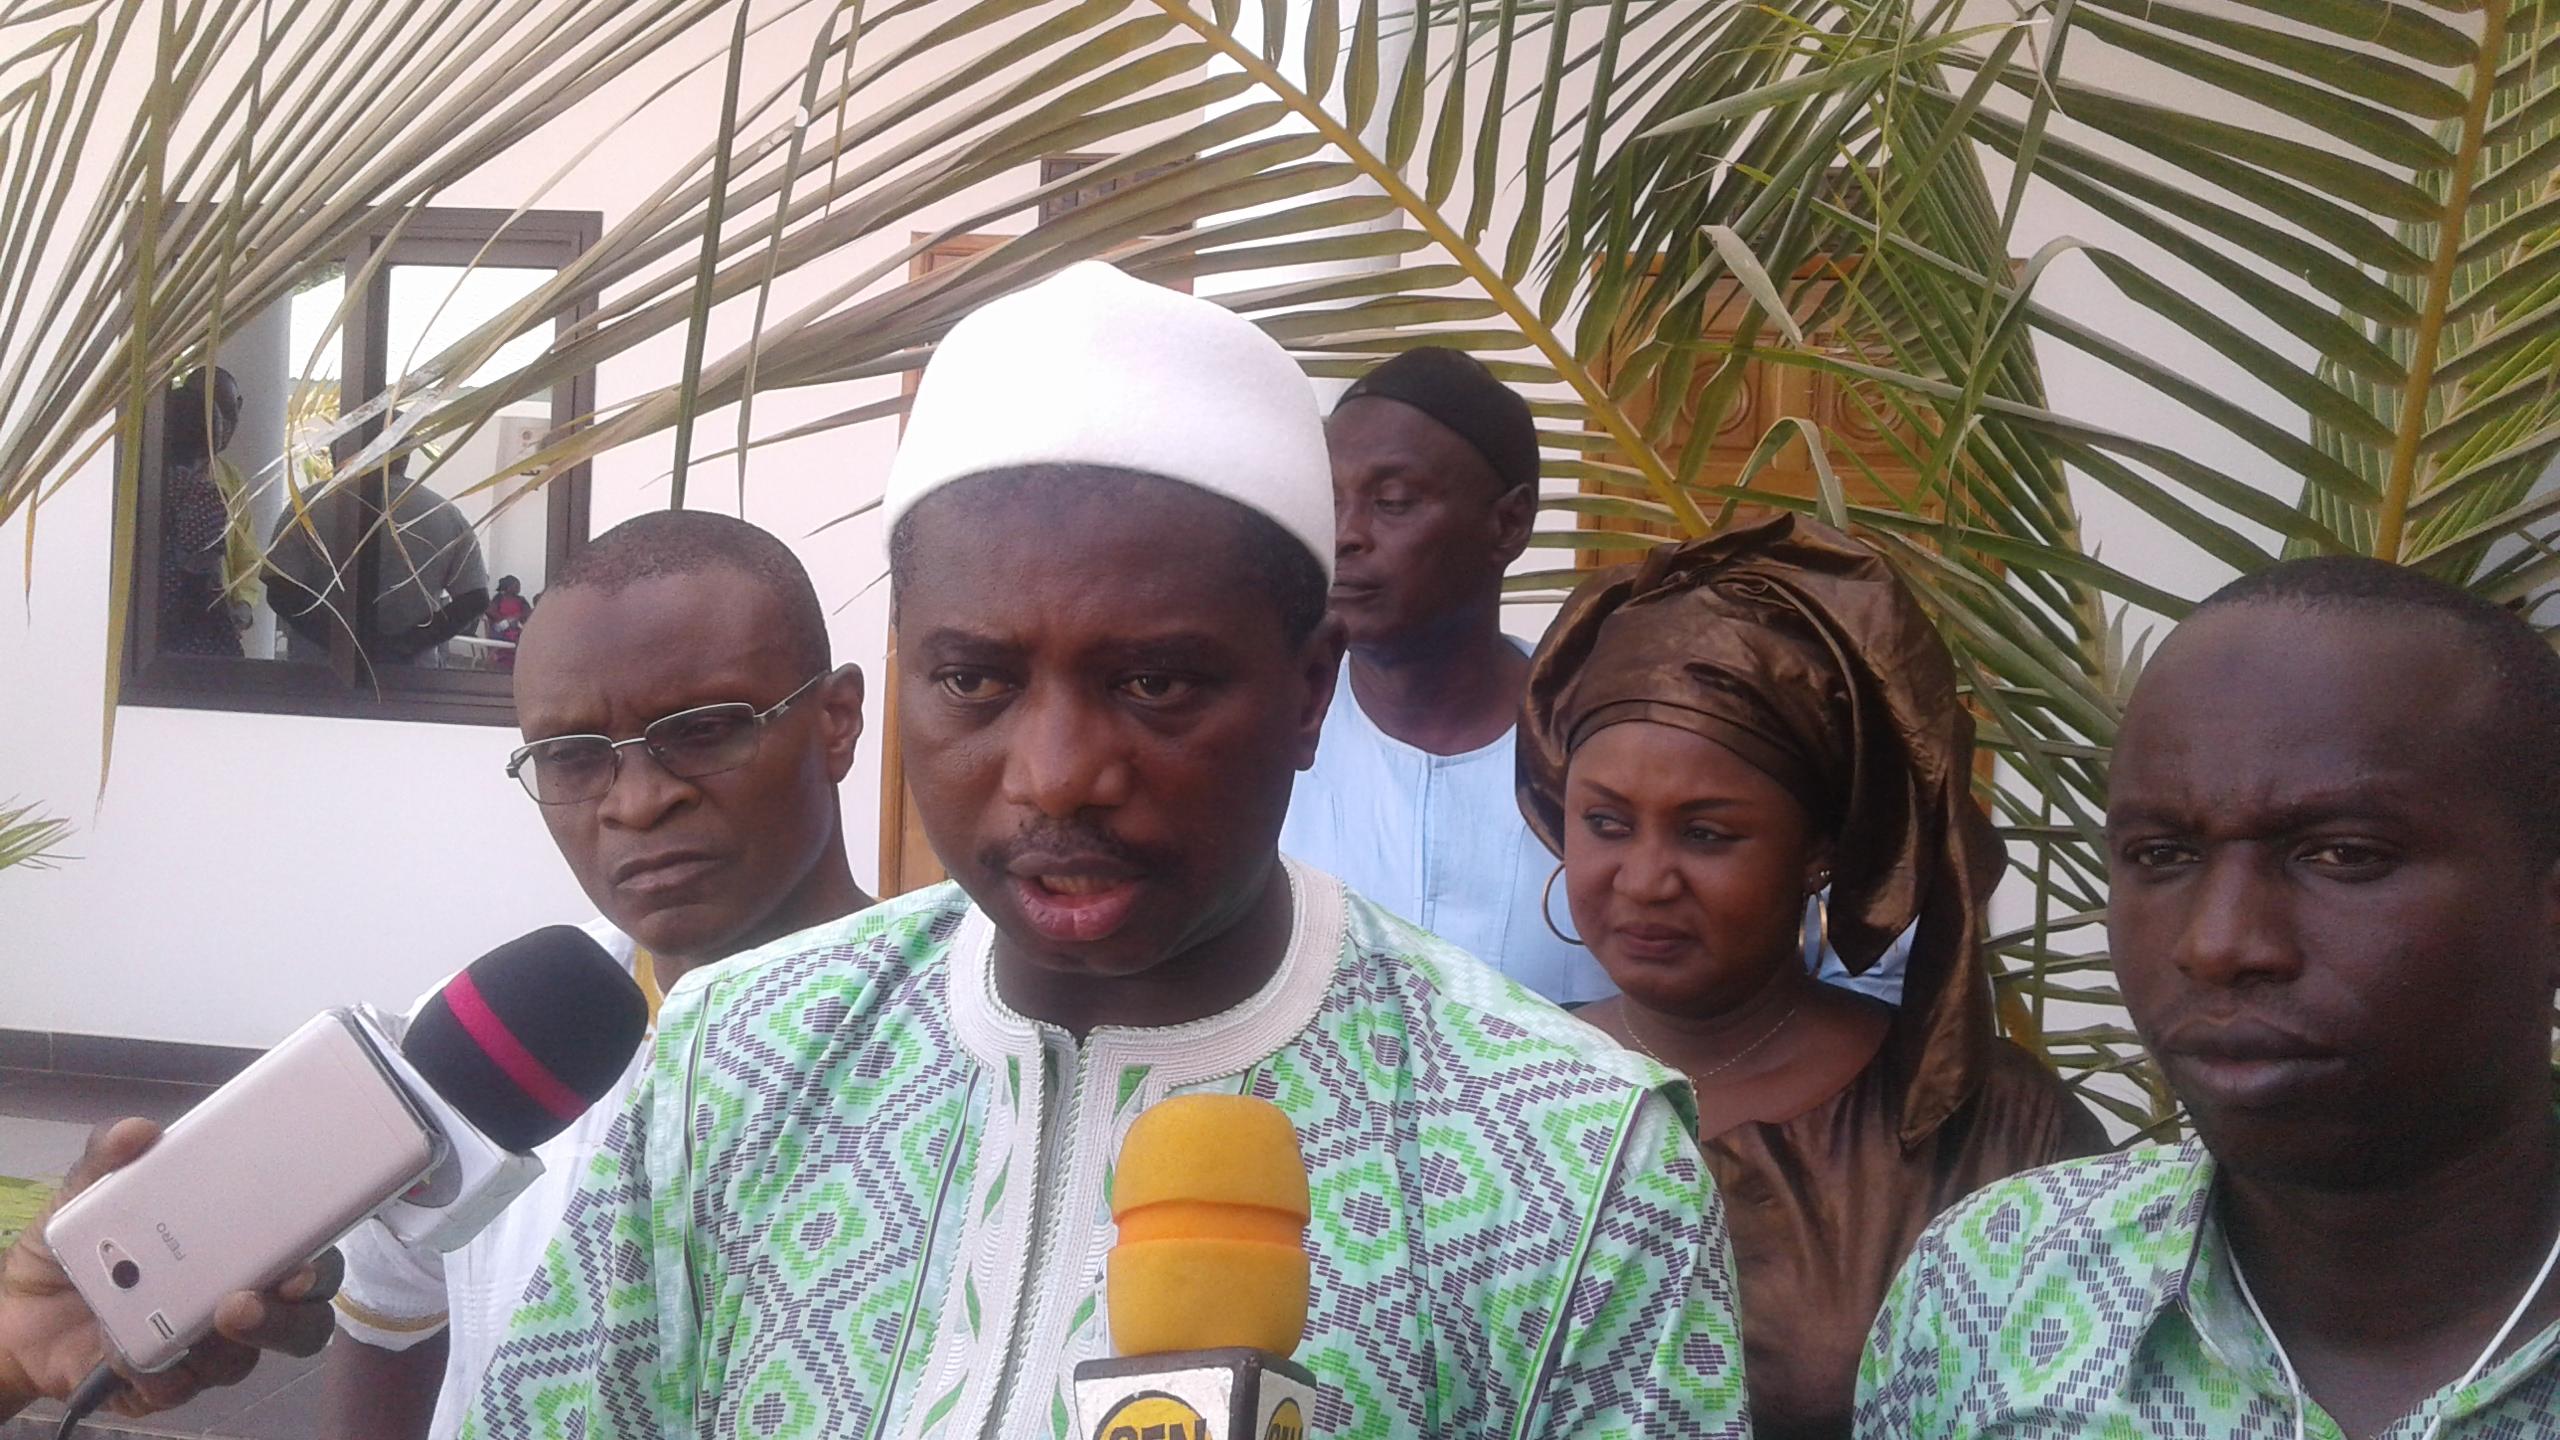 VISITE DE MACKY SALL A KOLDA : Chérif Léheibe Aidara et le Bamtaaré Sénégal mobilisent déjà les troupes